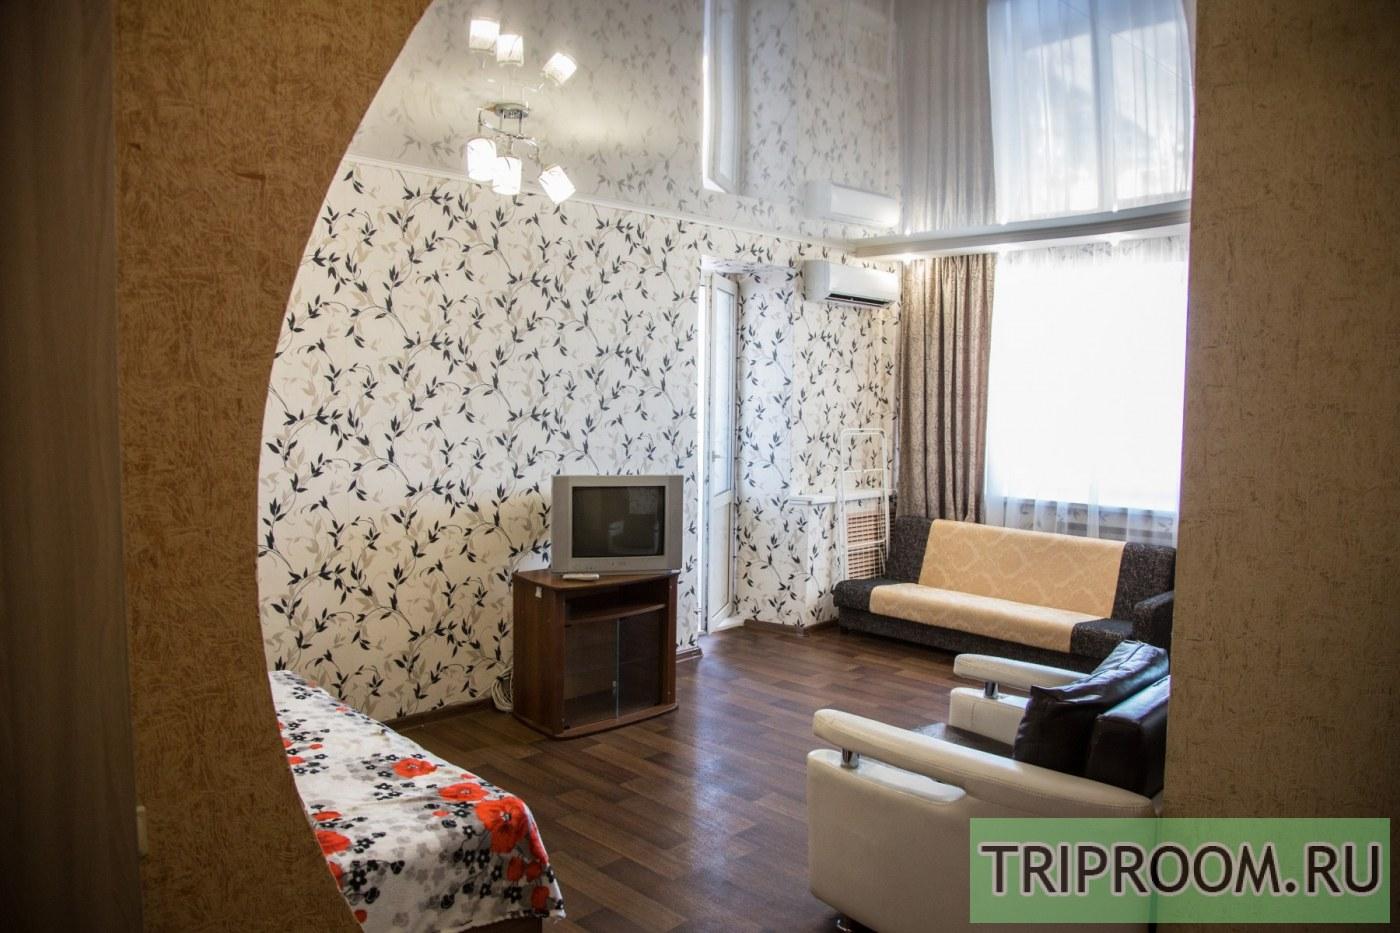 1-комнатная квартира посуточно (вариант № 37503), ул. Ленина улица, фото № 4